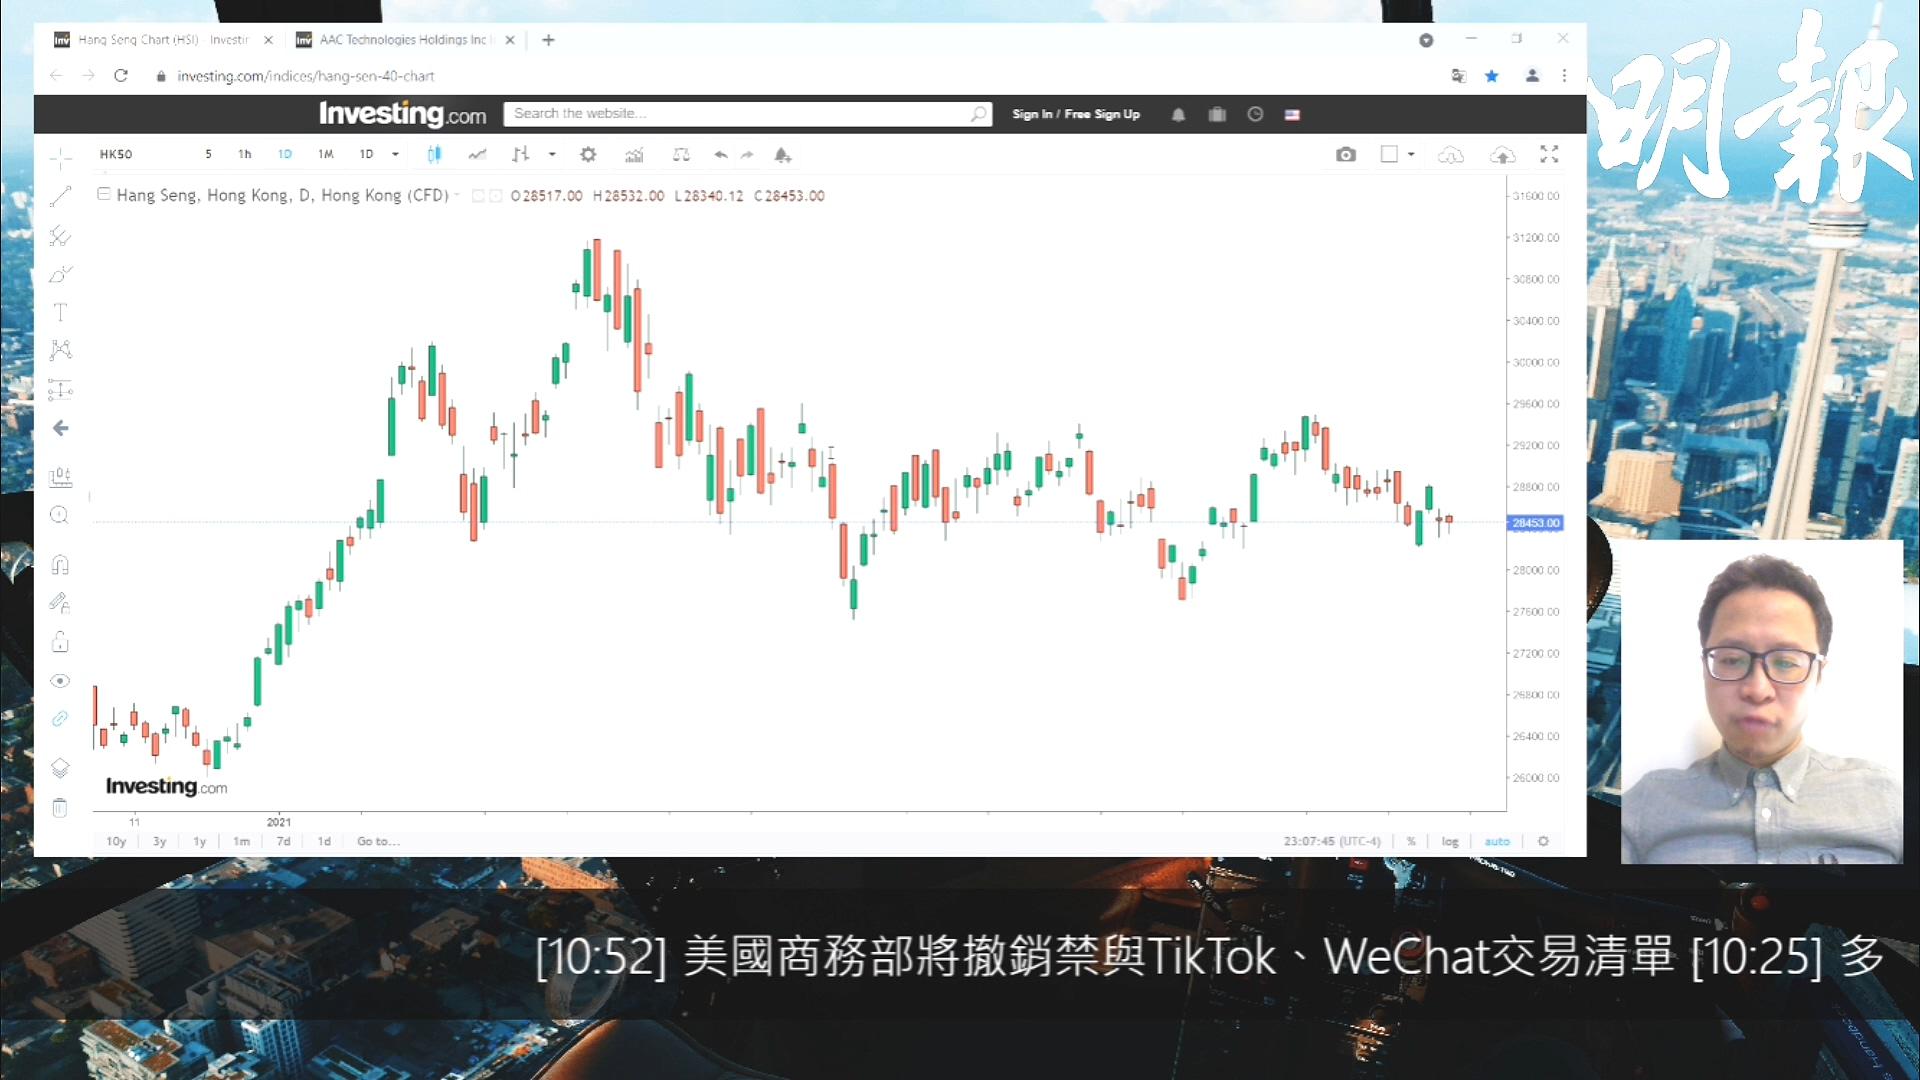 【有片:選股王】美股反彈港股未受惠 瑞聲中線向好